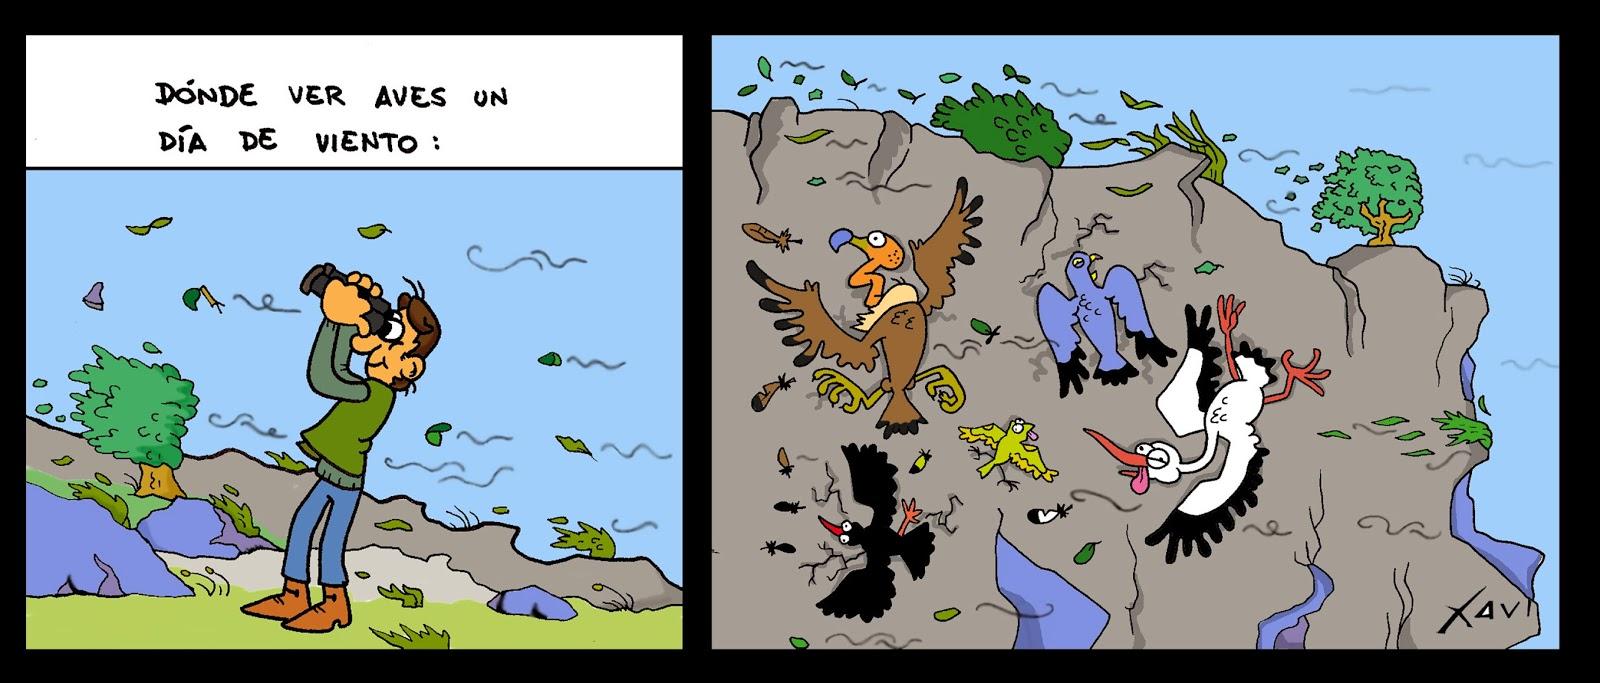 Aves y viento